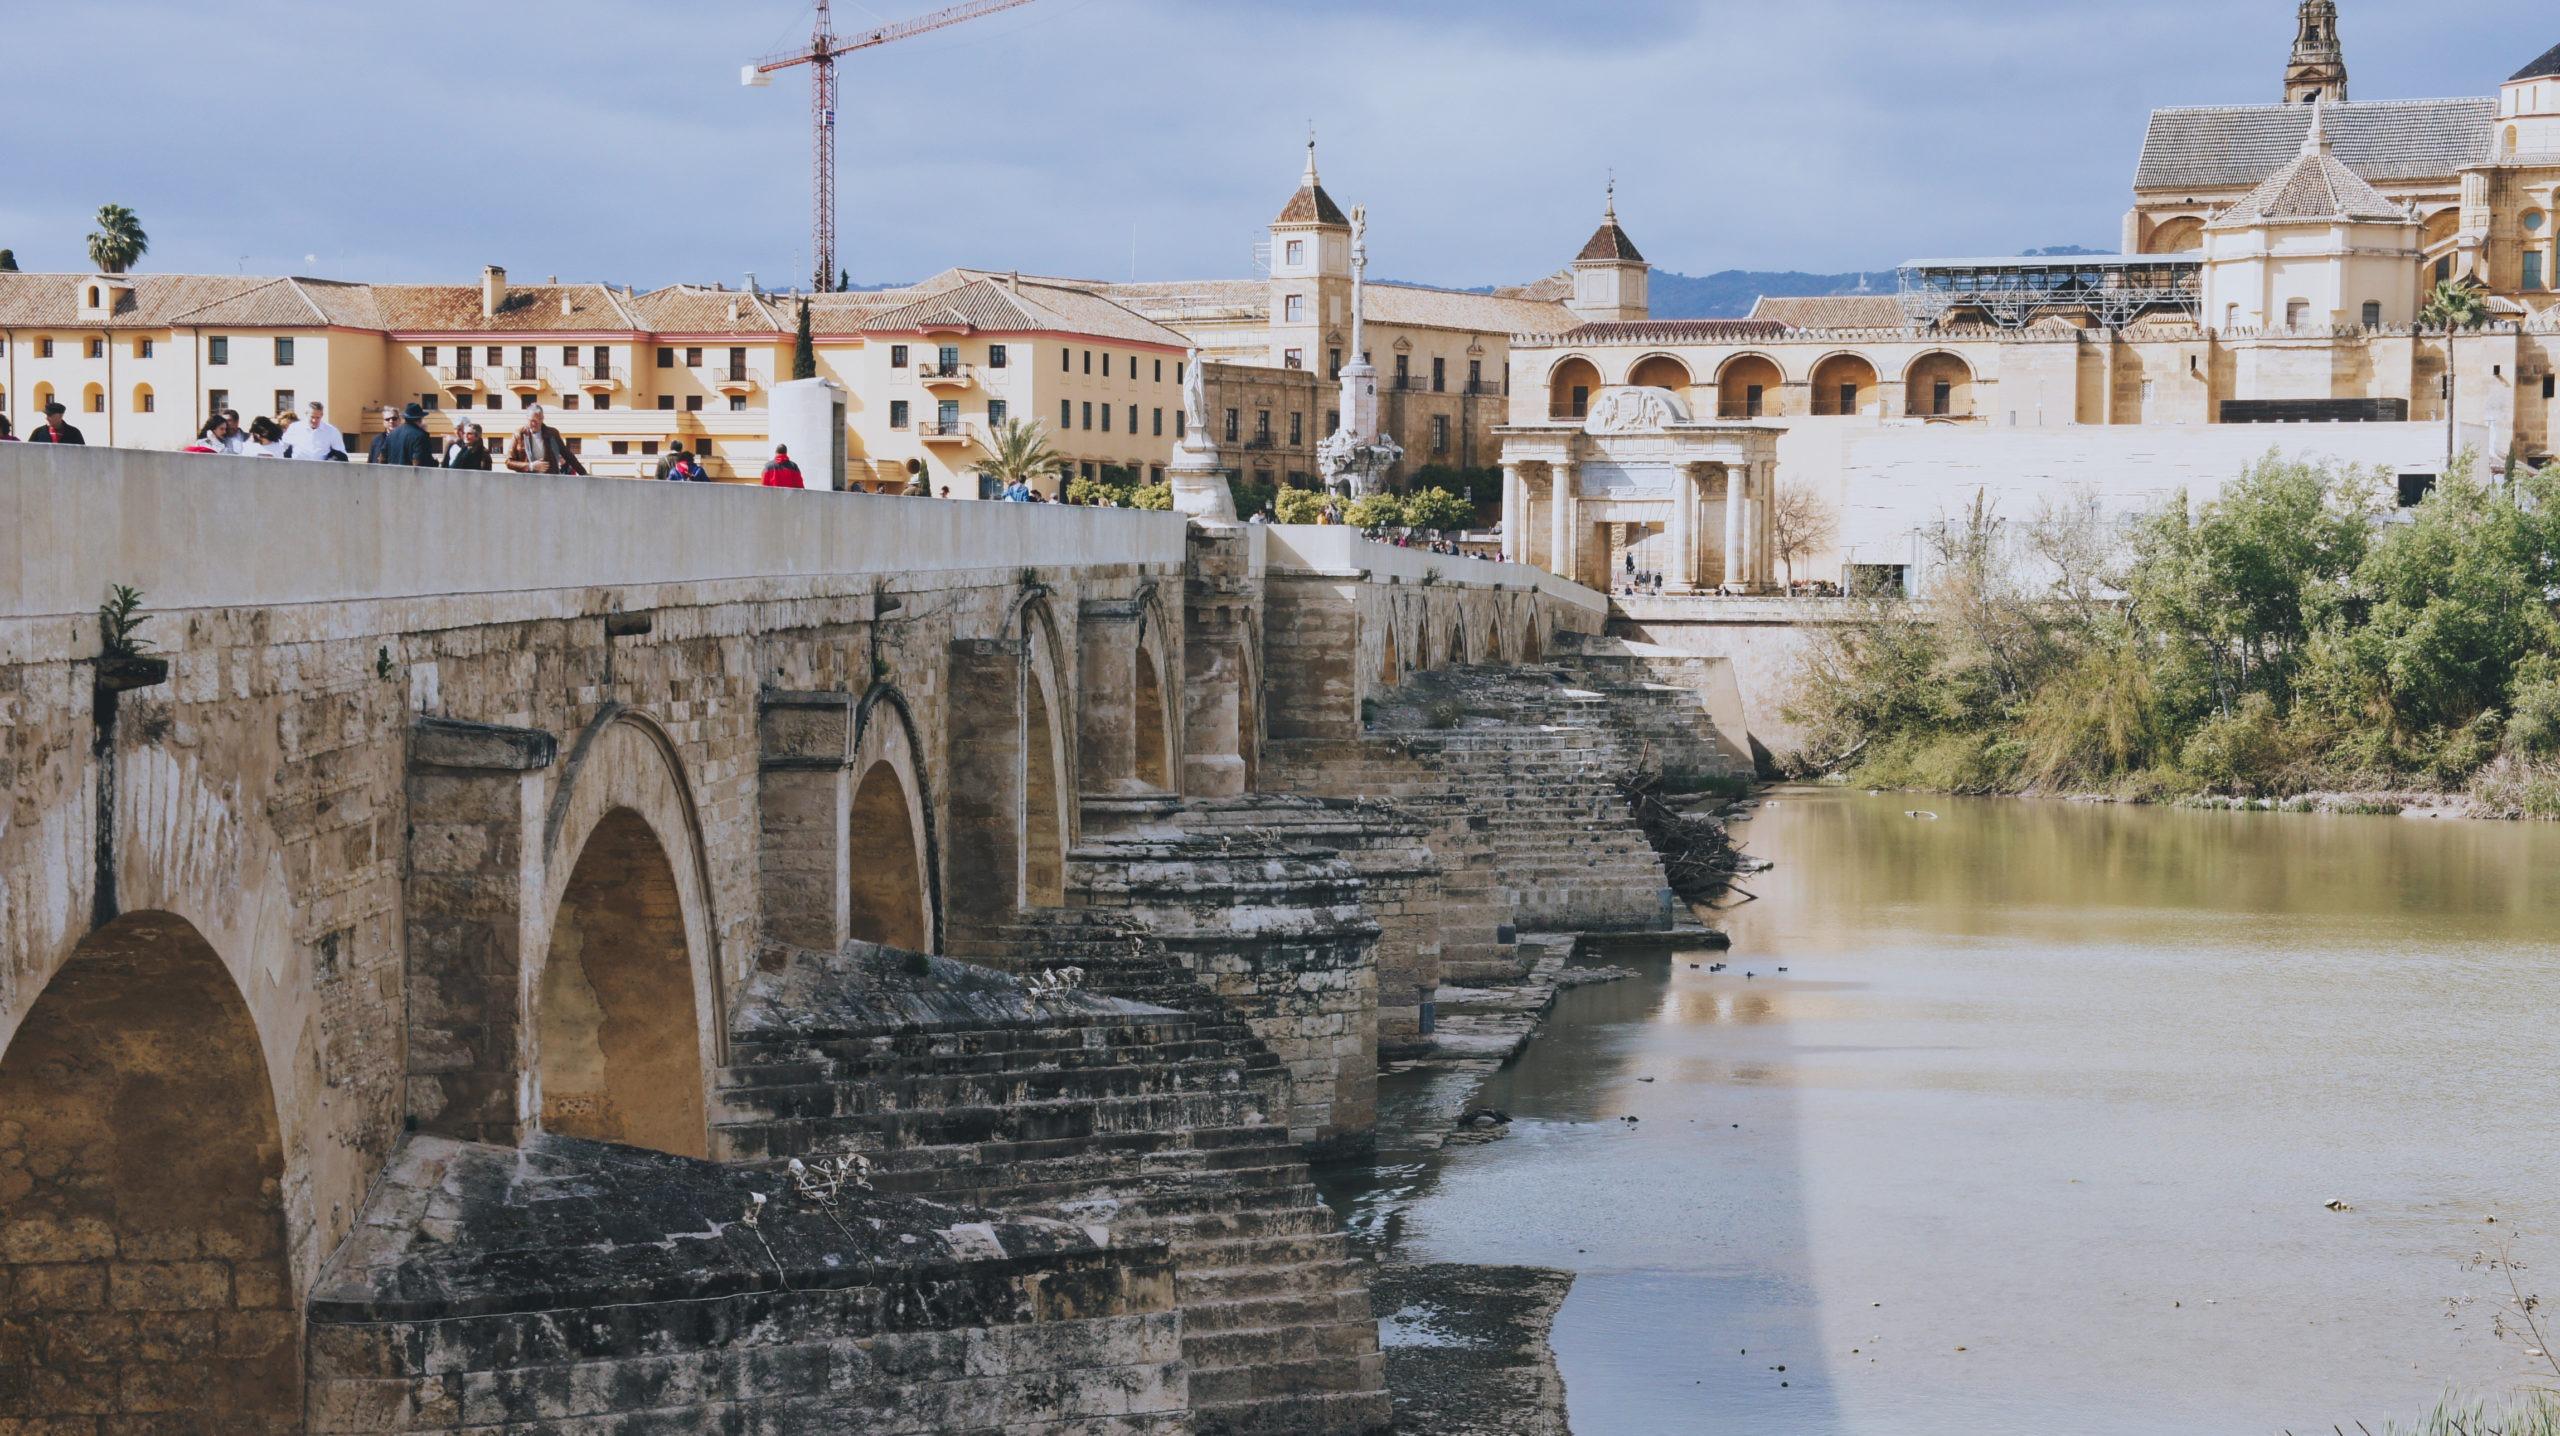 Le pont romain à Cordoue